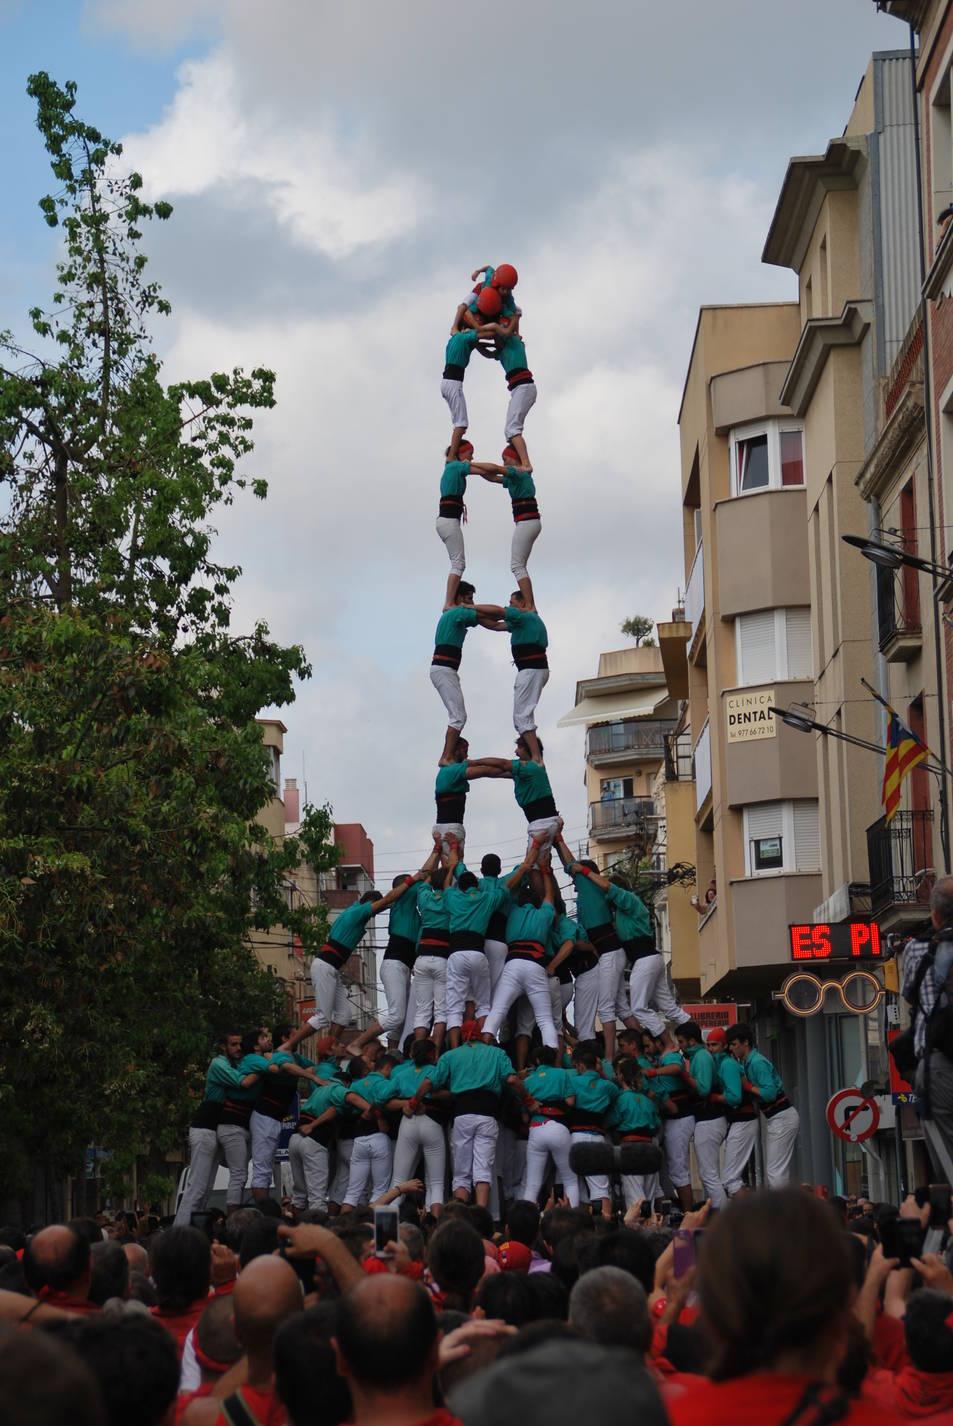 2de9 amb folre i manilles dels Castellers de Vilafranca a la diada Jan Julivert del Vendrell.